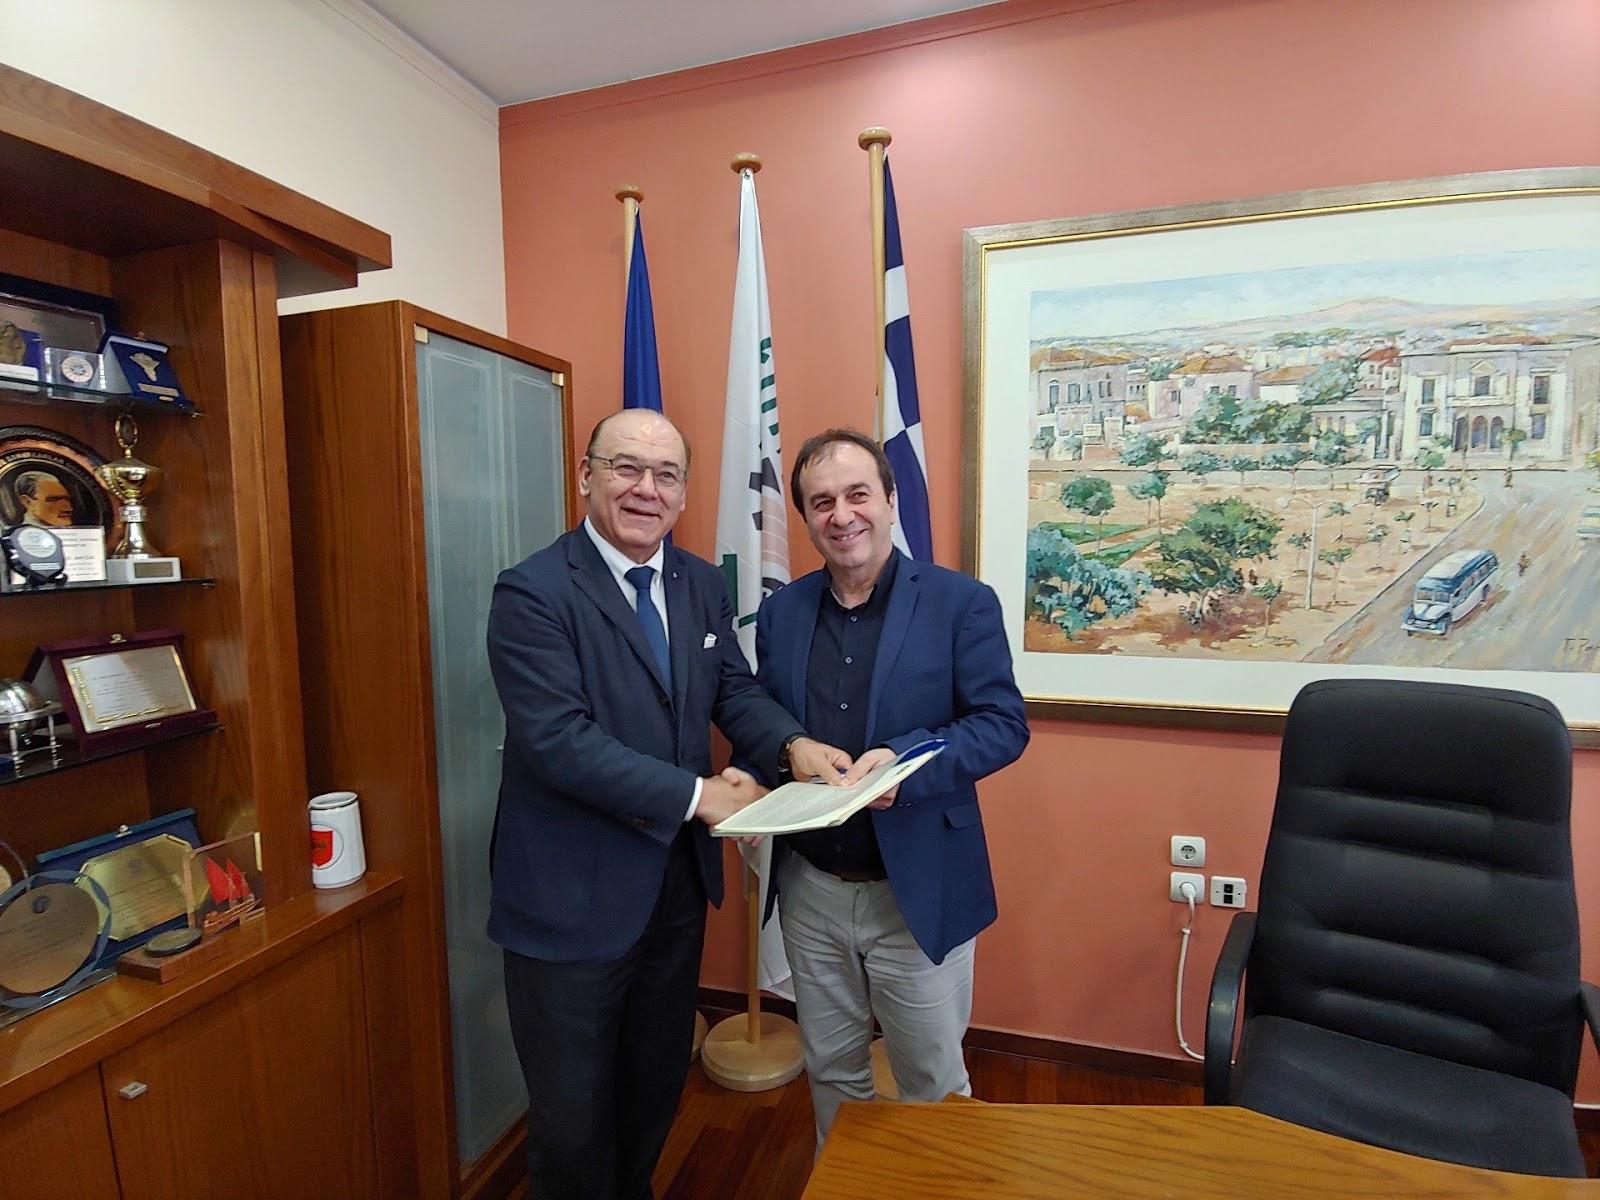 Συνεργασία του Ελληνοϊταλικού Επιμελητηρίου και του Επιμελητηρίου Λάρισας